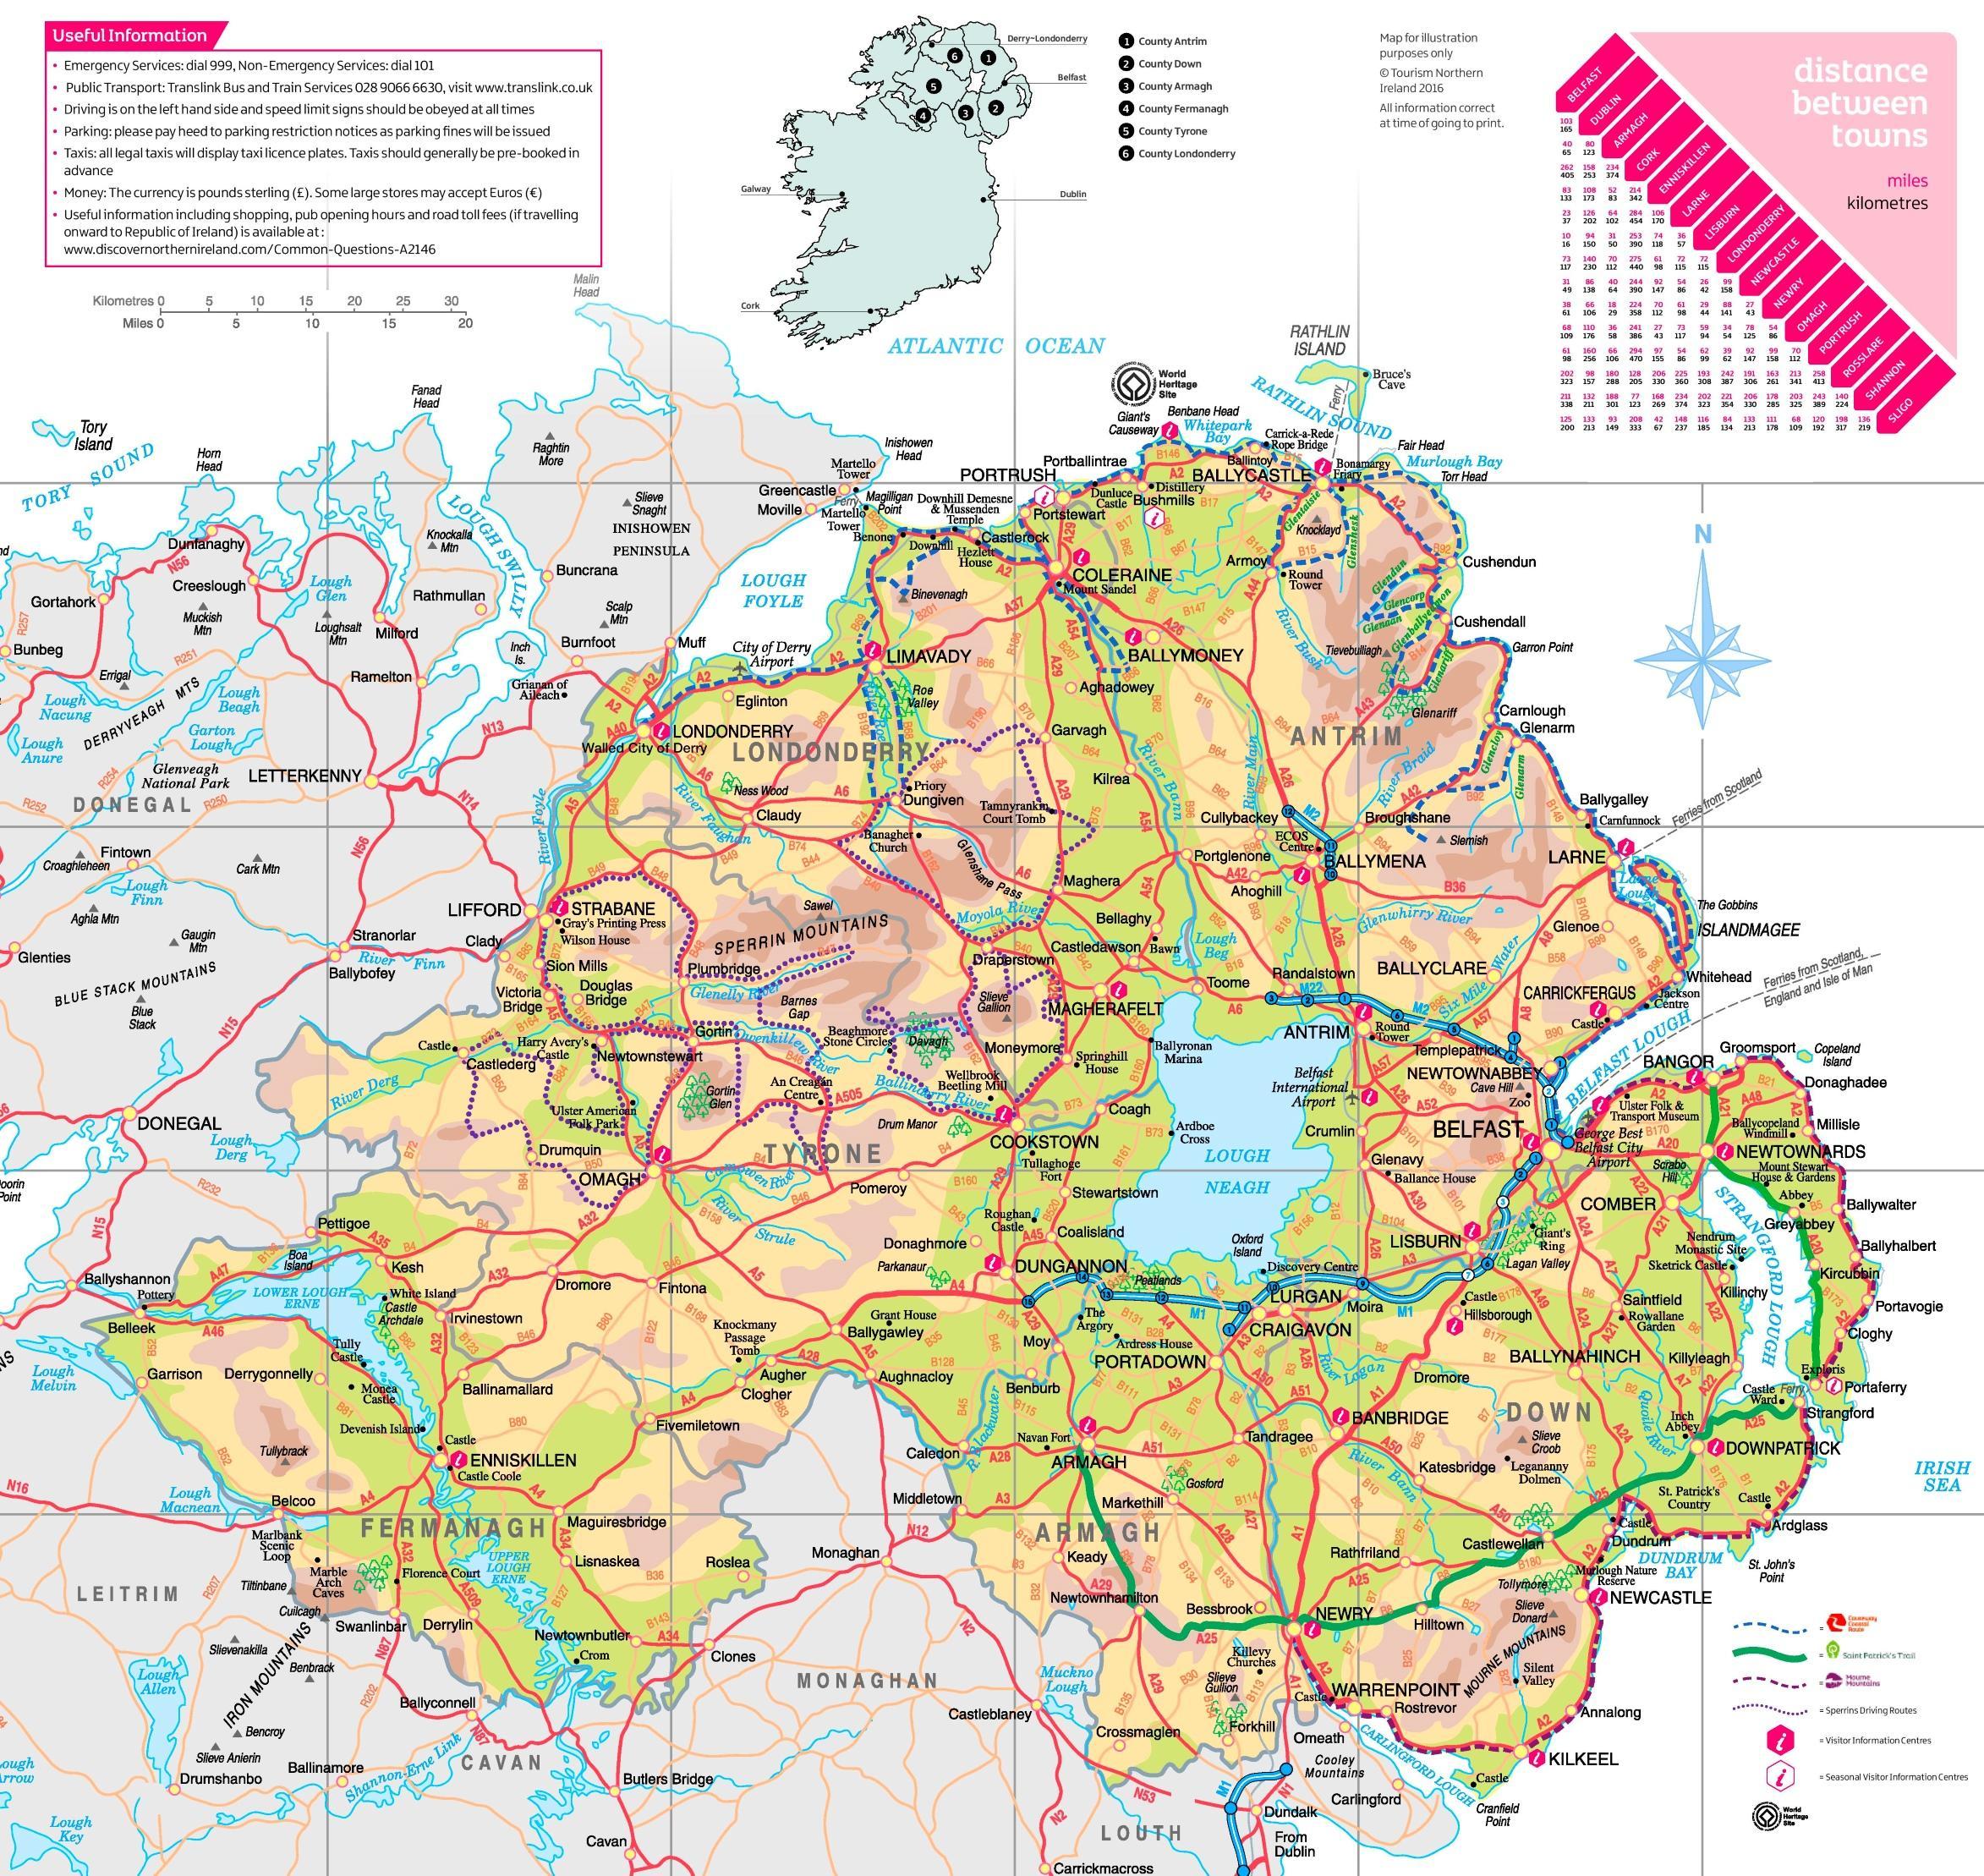 Pohjois Irlannin Tourist Map Pohjois Irlanti Nahtavyydet Kartta